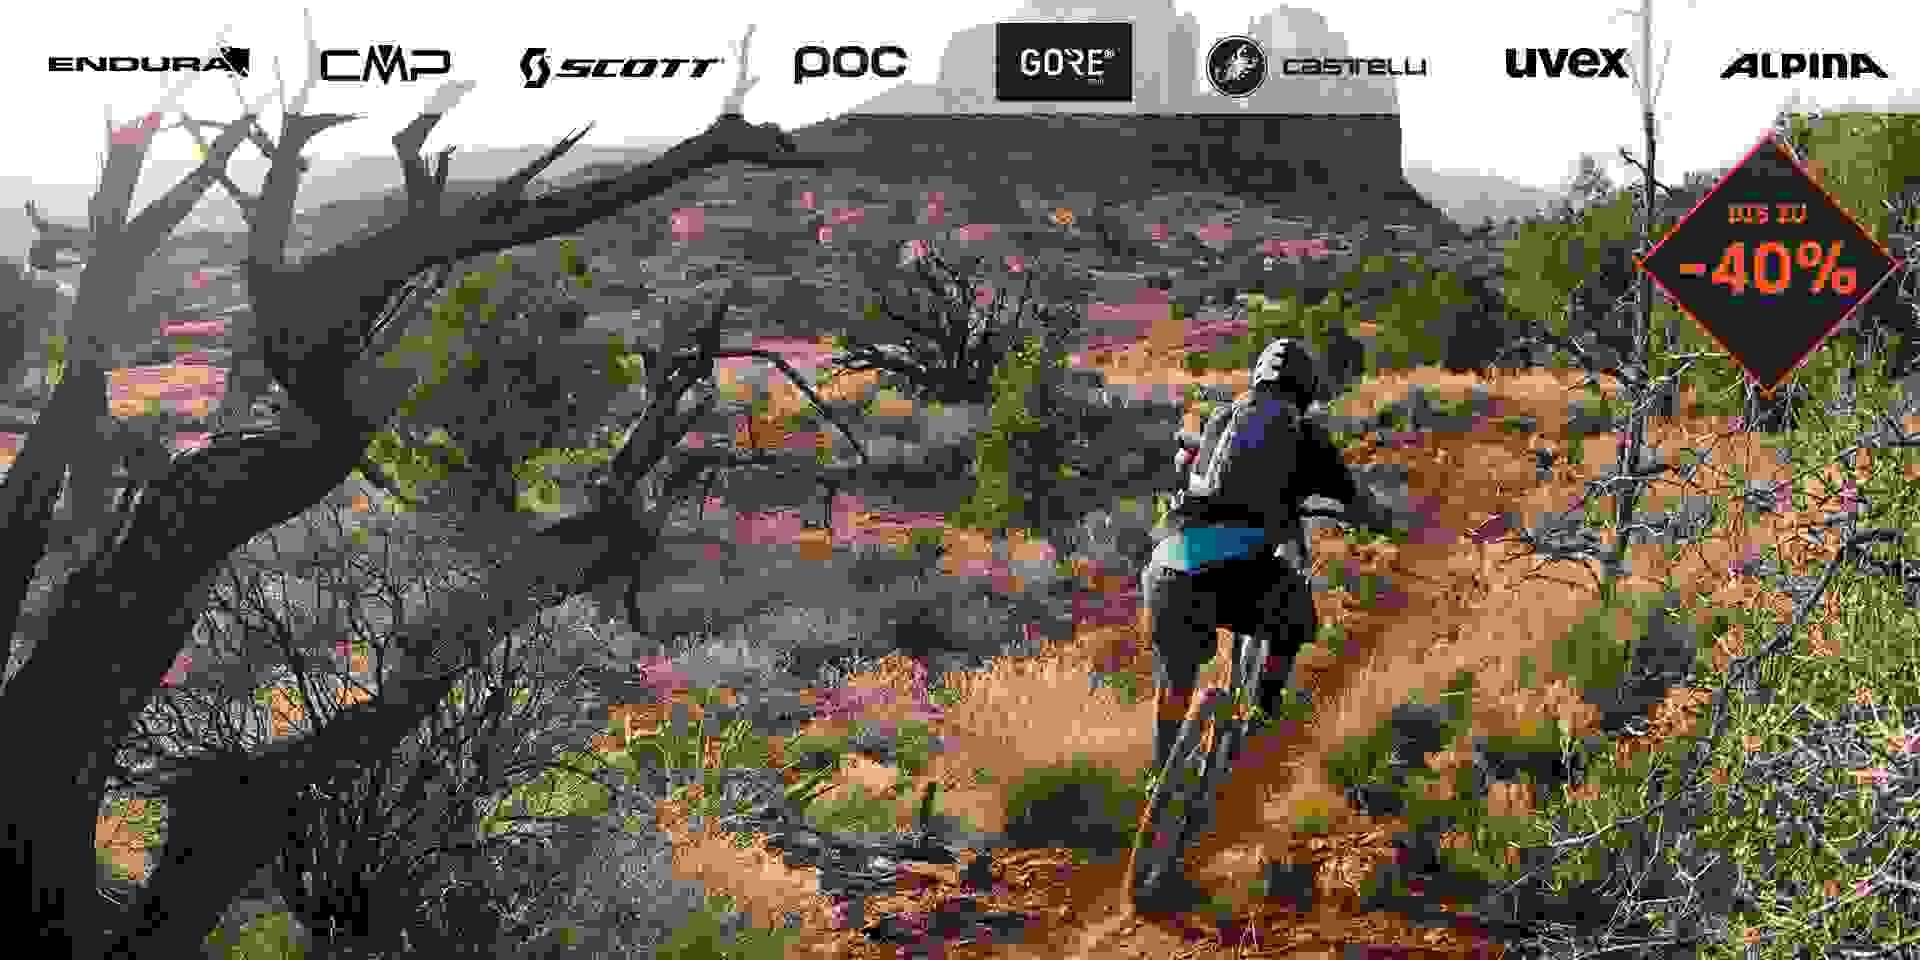 Radsportsortiment bei SportScheck